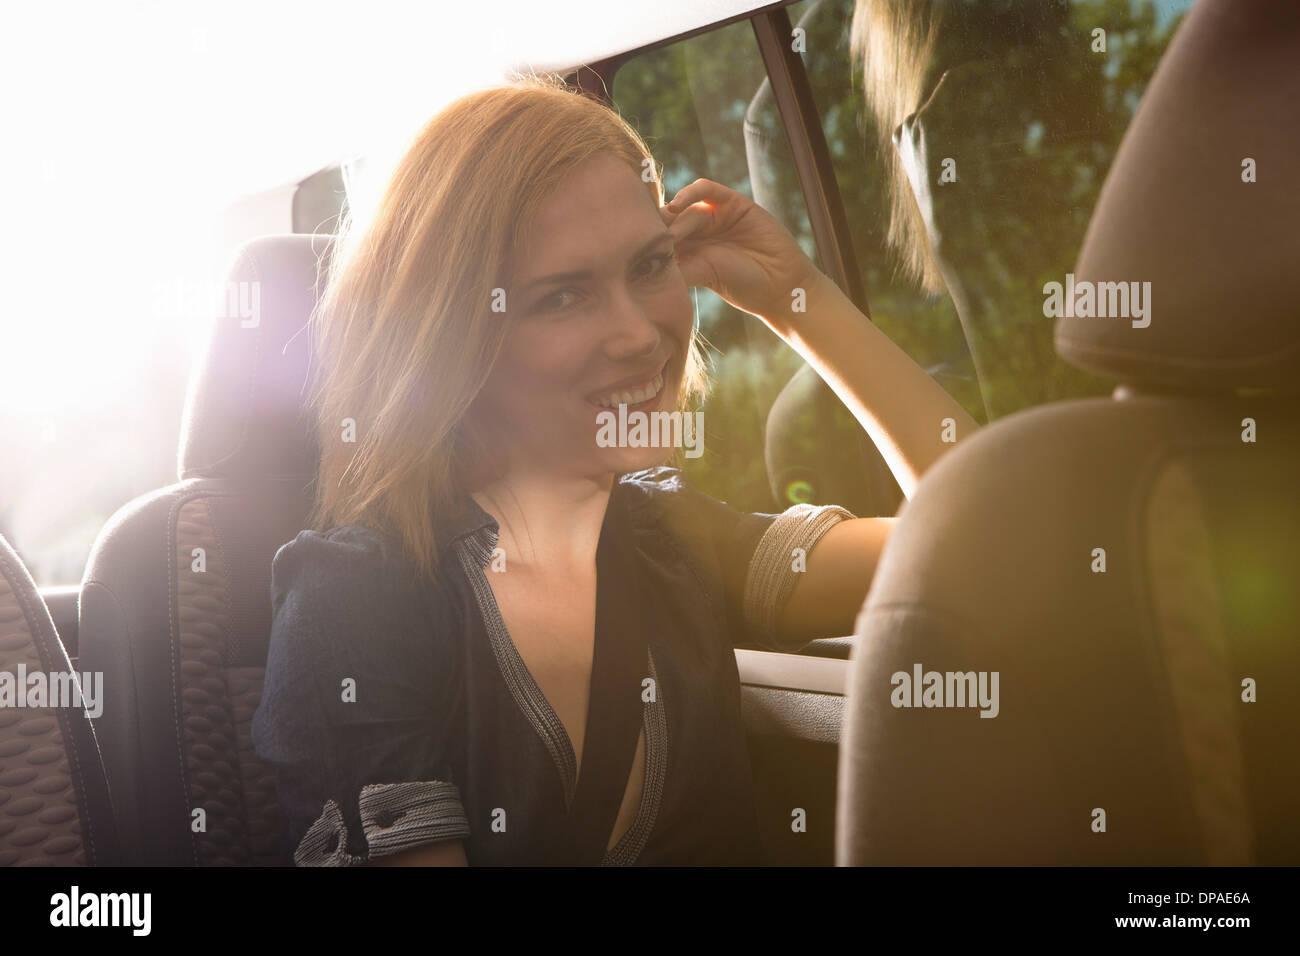 Jeune femme voyageant au siège arrière de voiture Photo Stock